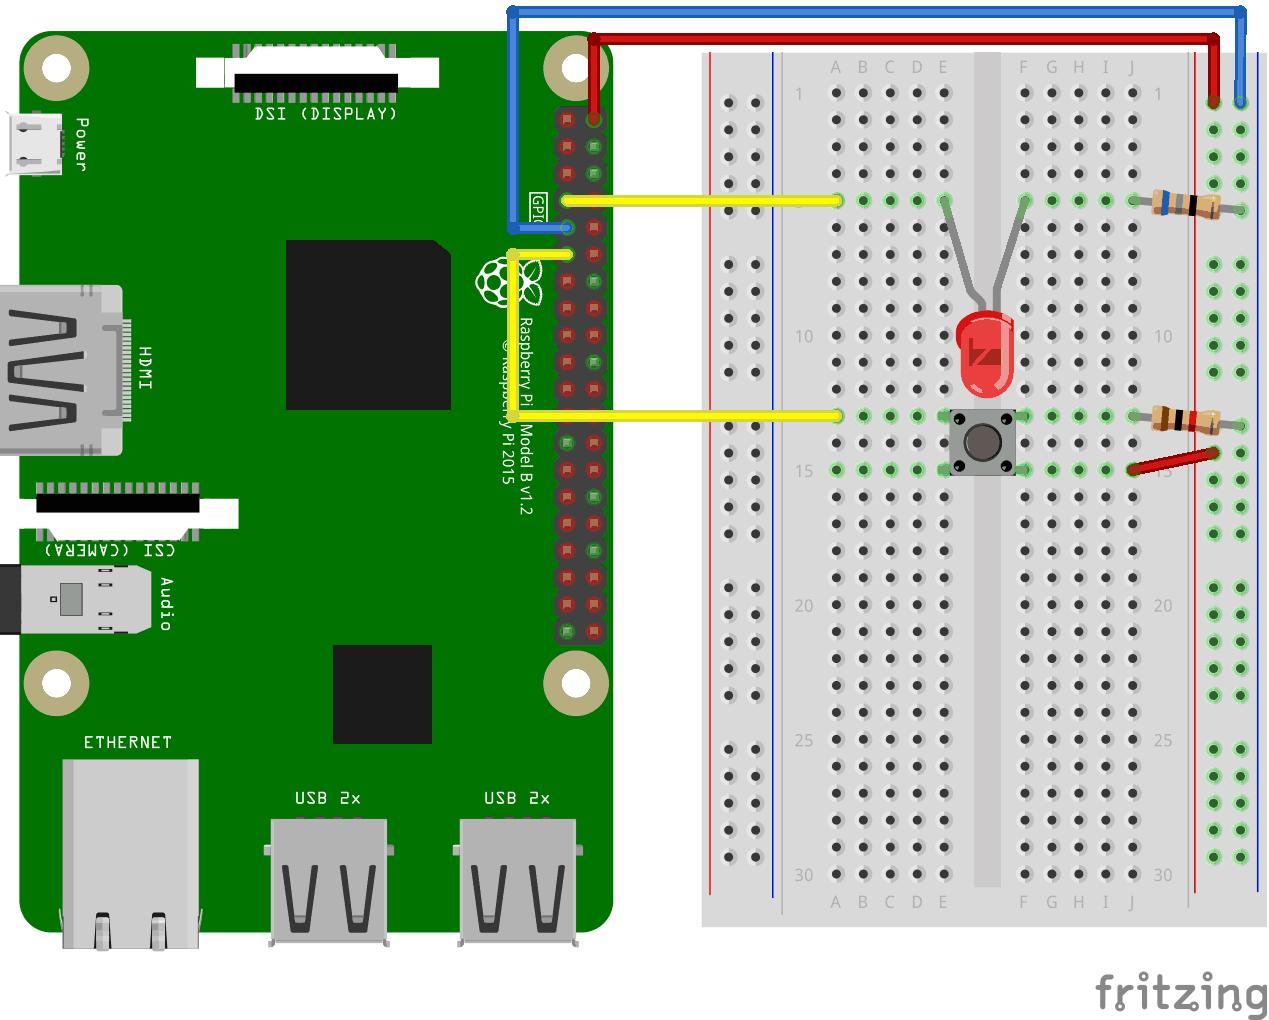 Node js Raspberry Pi LED and Pushbutton